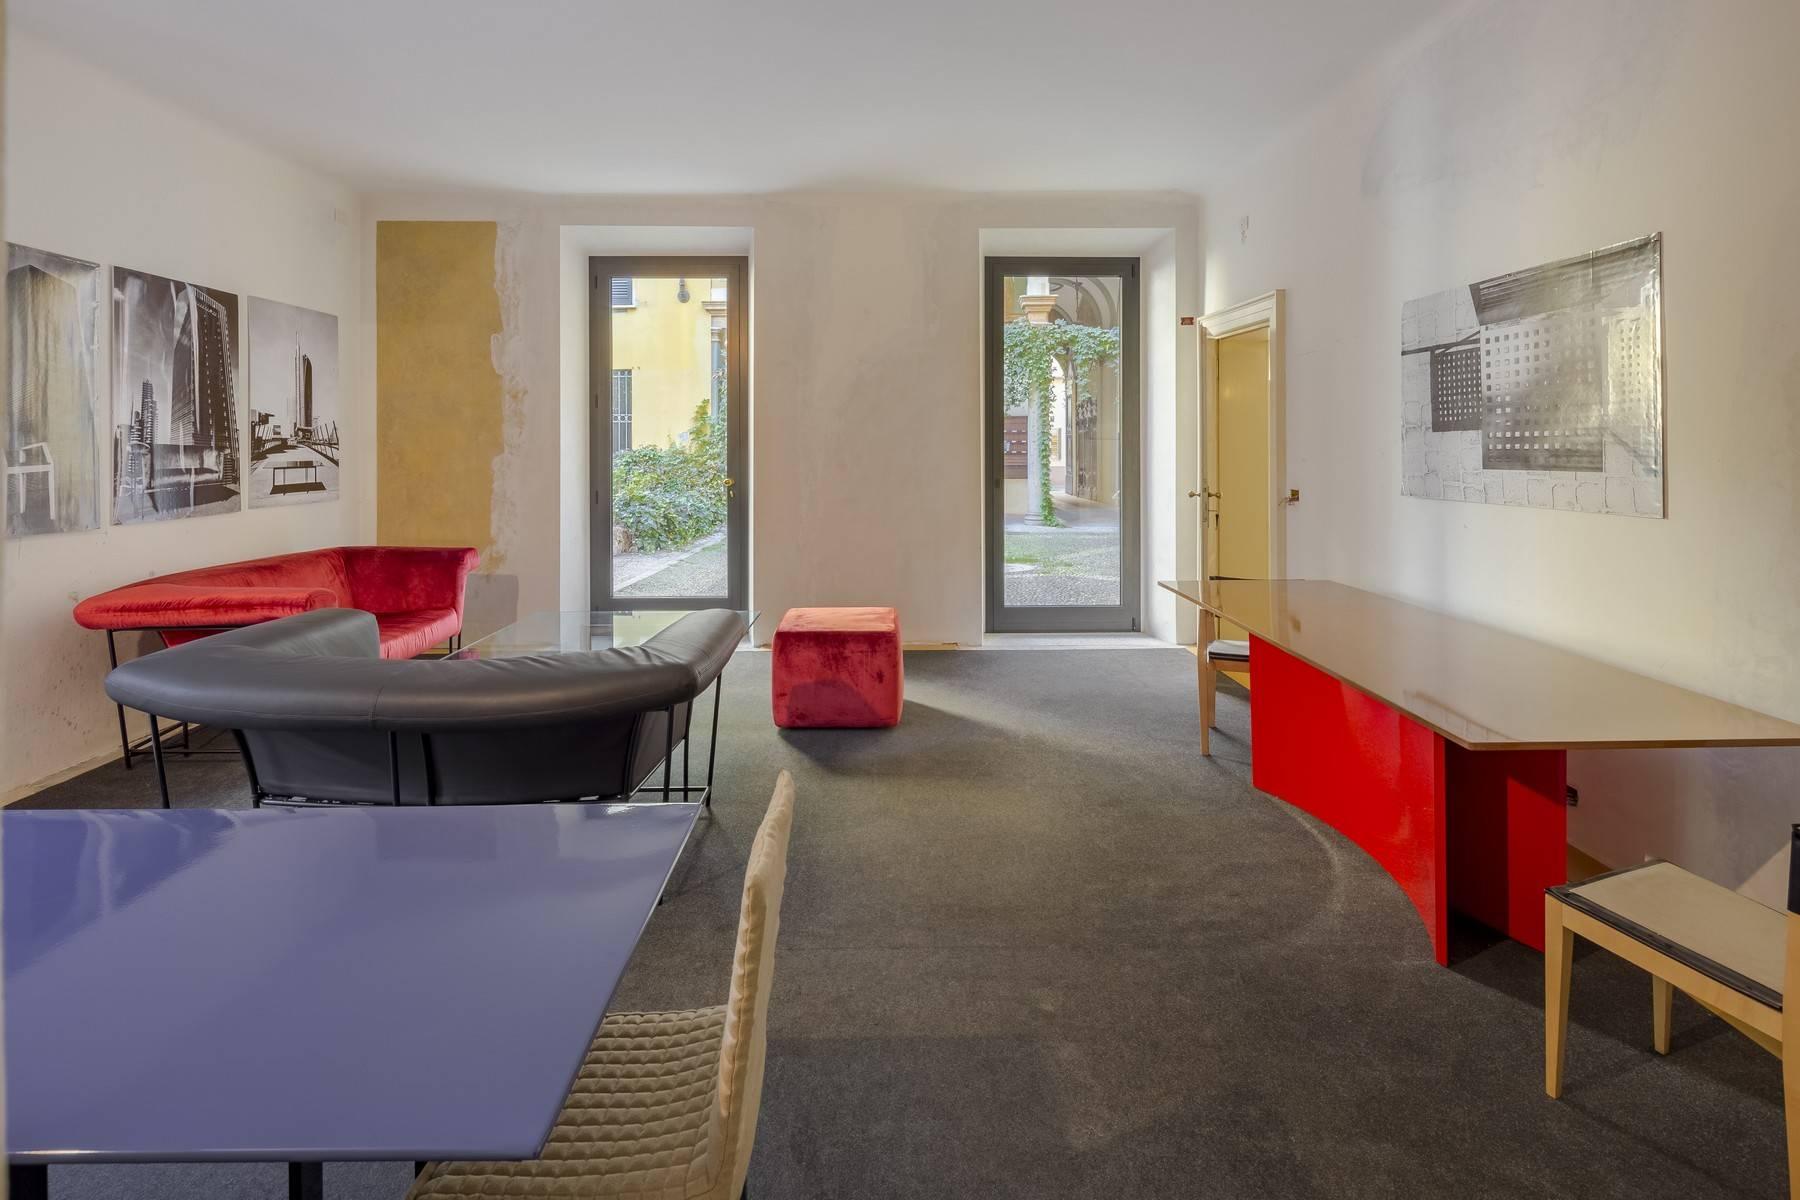 Negozio-locale in Affitto a Milano: 2 locali, 100 mq - Foto 16